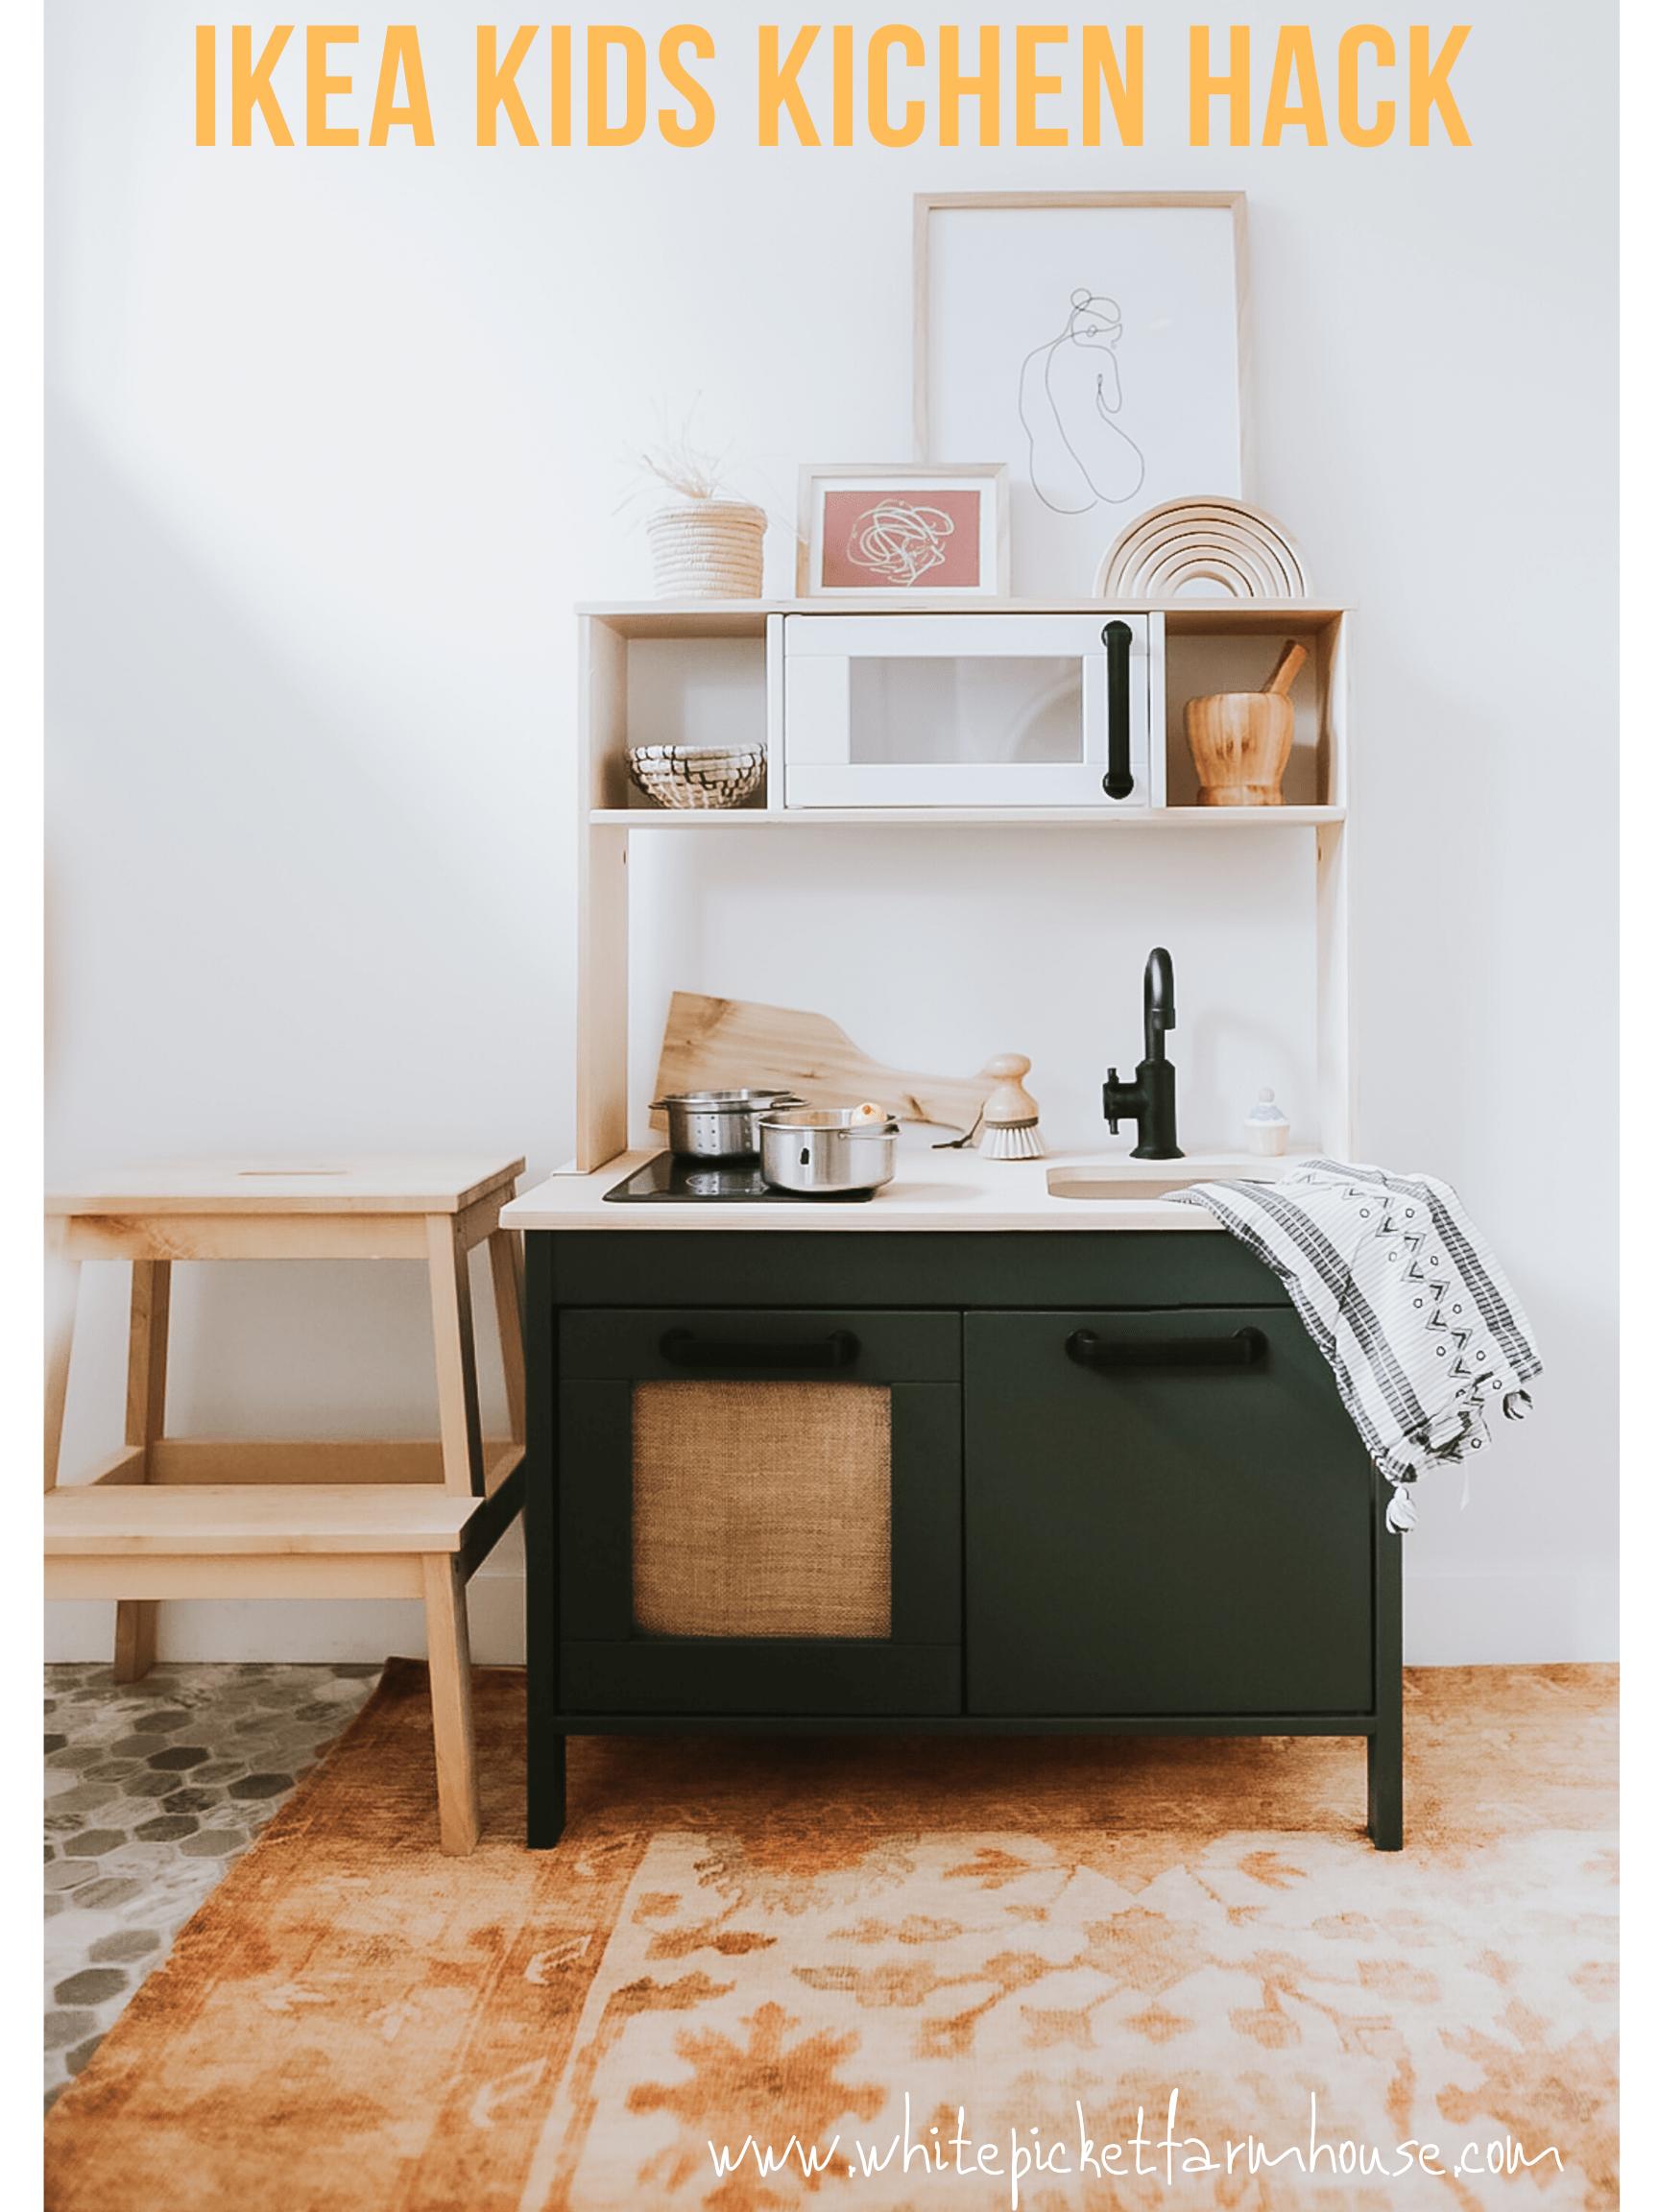 Ikea Kids Kitchen Hack [ DUKTIG Play Kitchen DIY in 2020